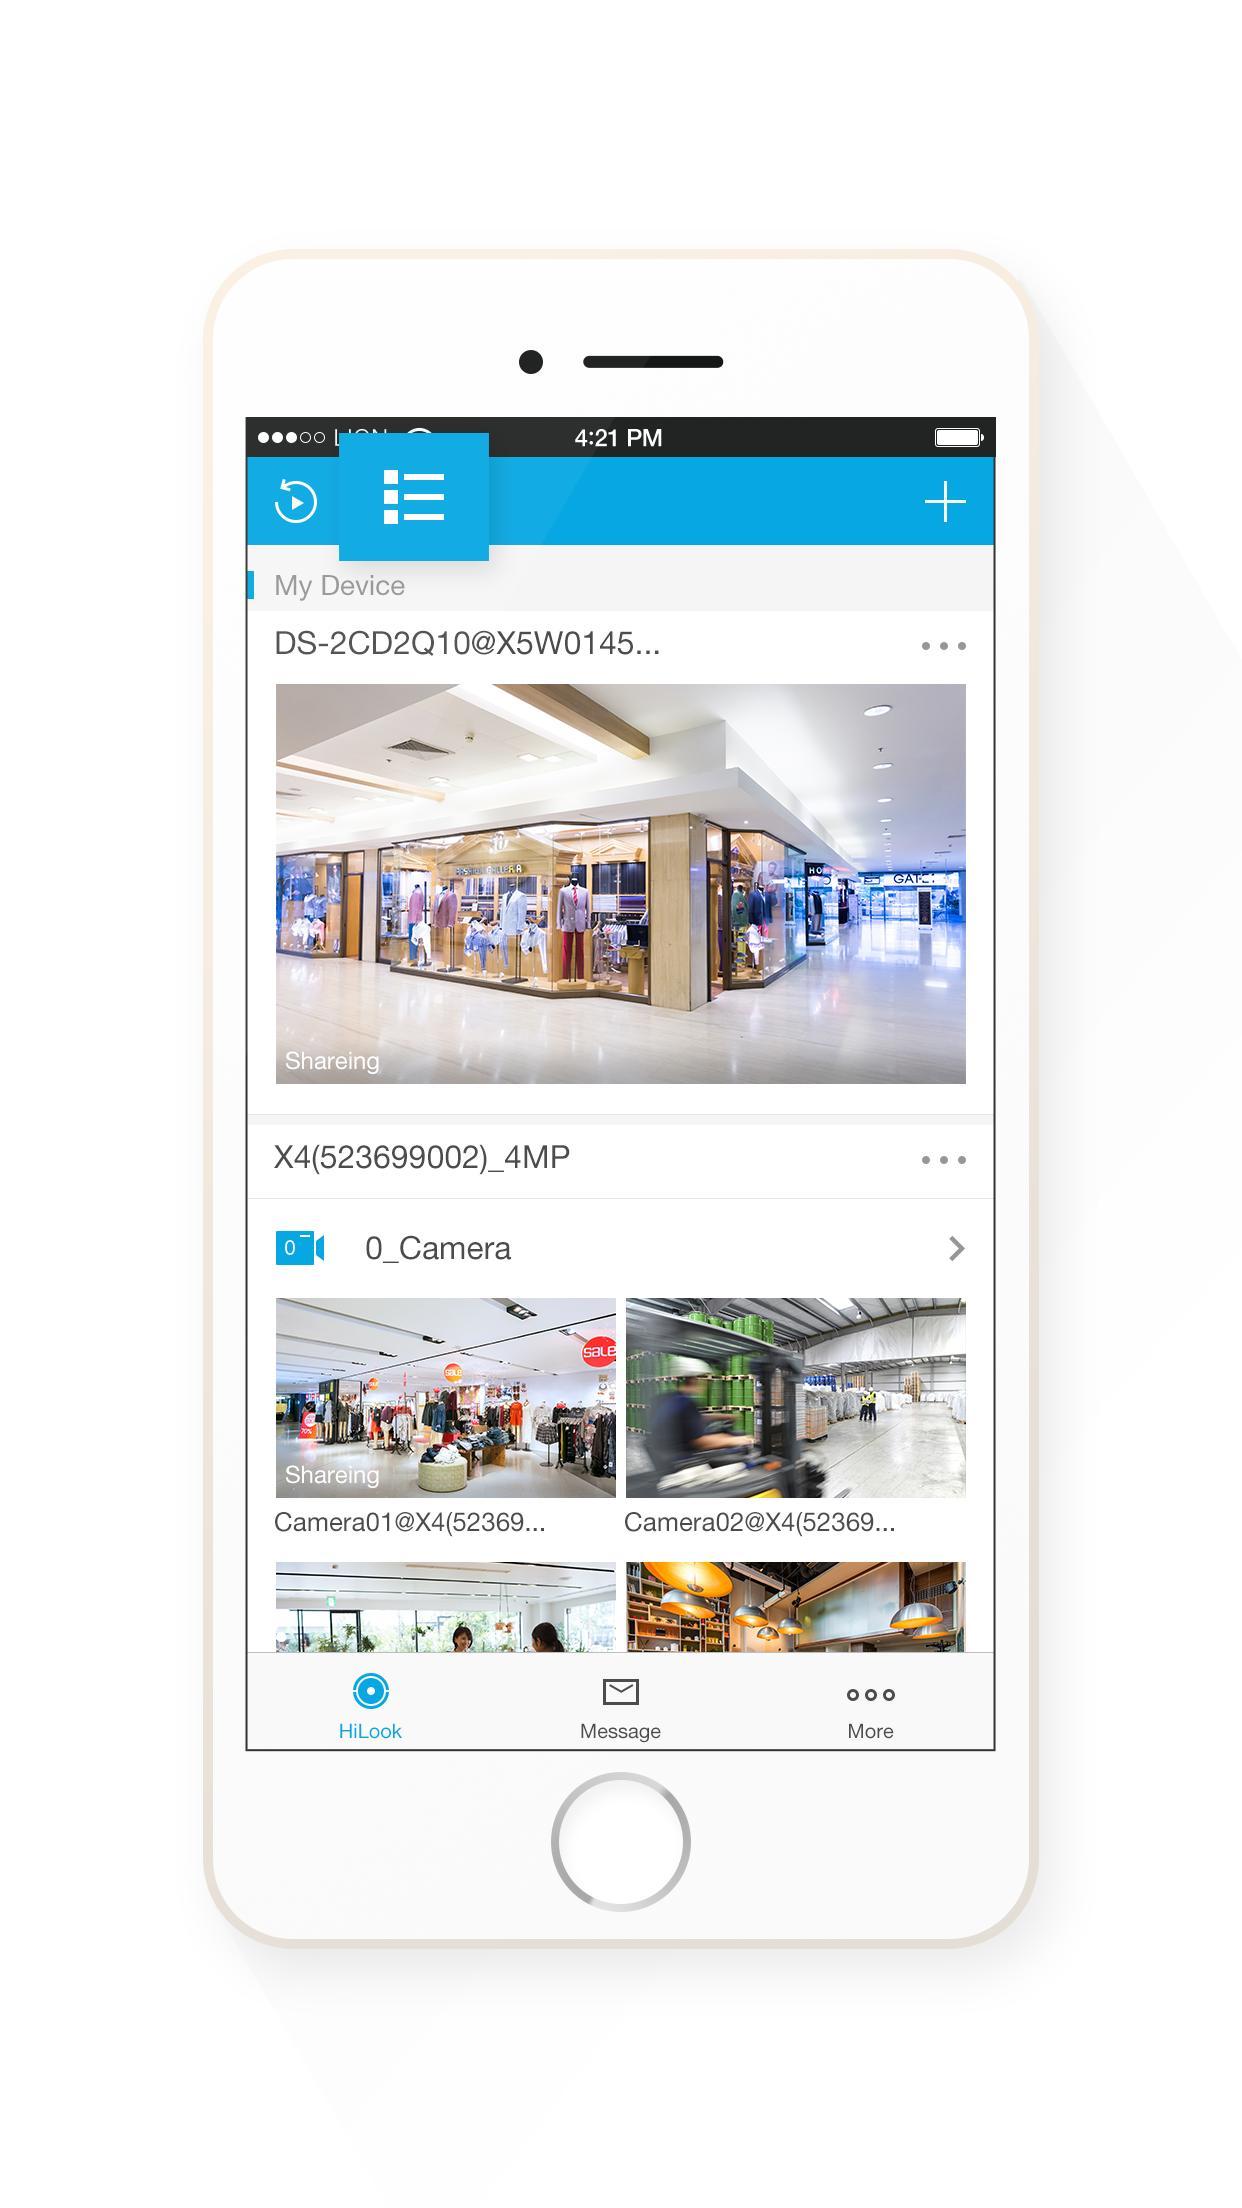 HiLookVision تحميل تطبيقات كاميرات هيك فيجن للموبايل apk